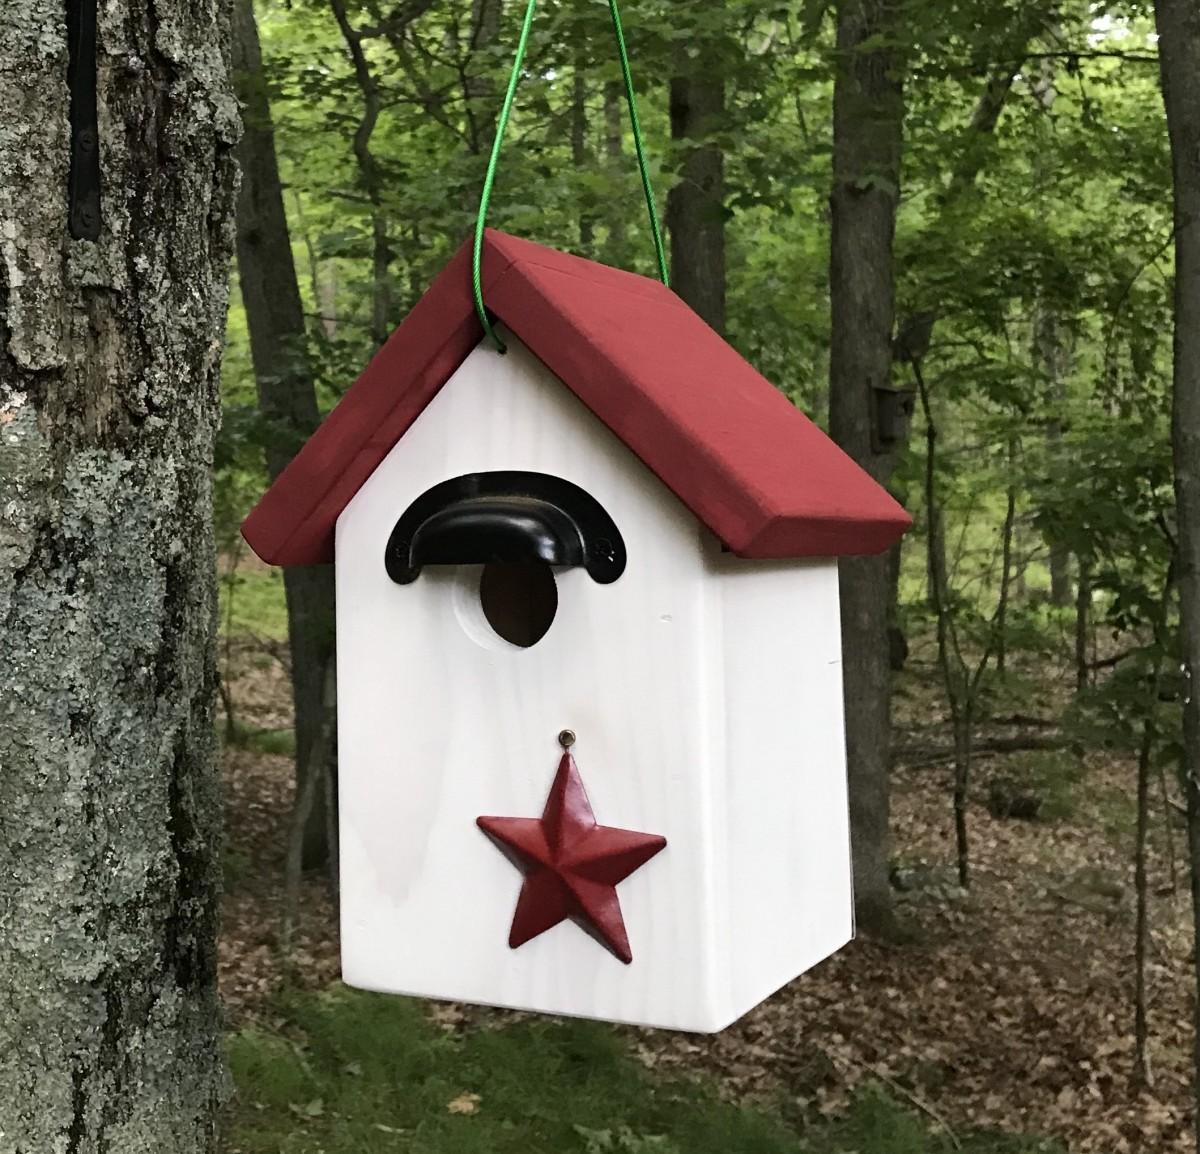 Spy Window Nest Box (front view)